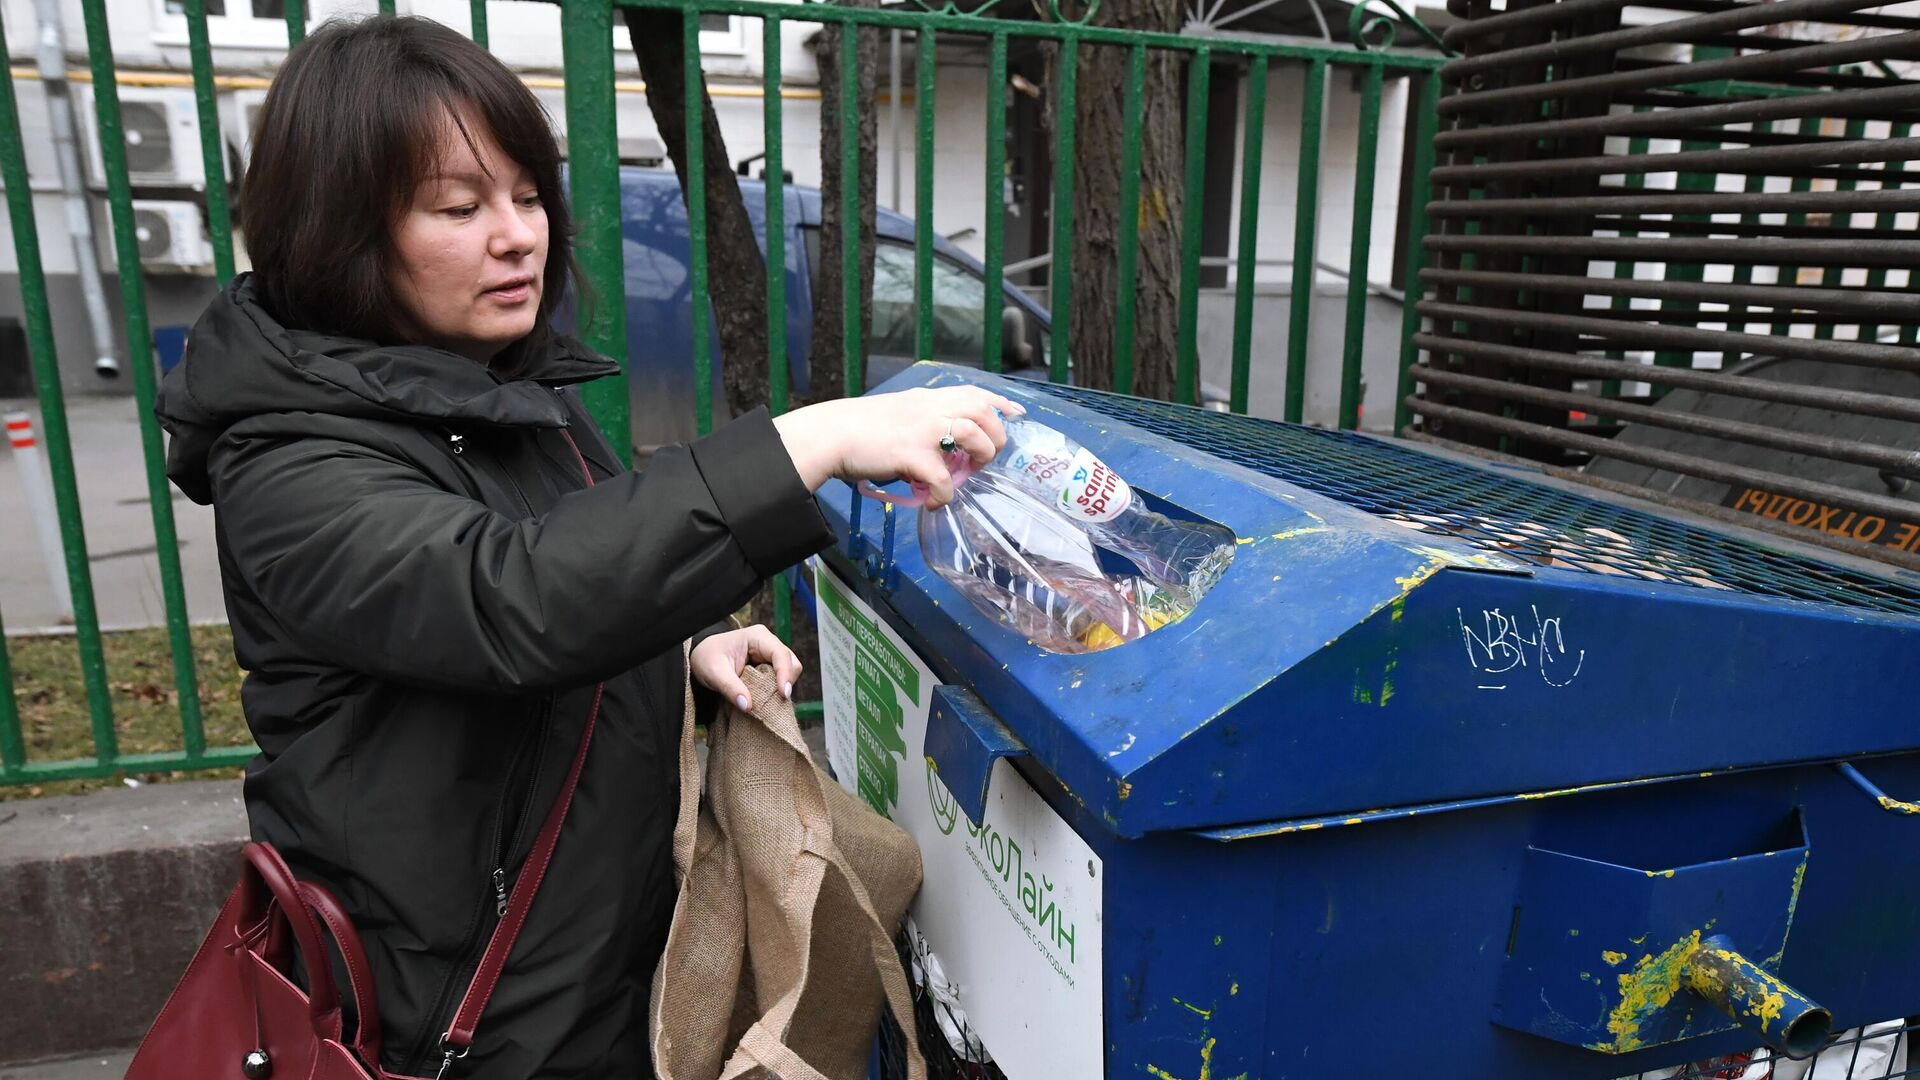 Раздельный сбор мусора в Москве - РИА Новости, 1920, 10.02.2021